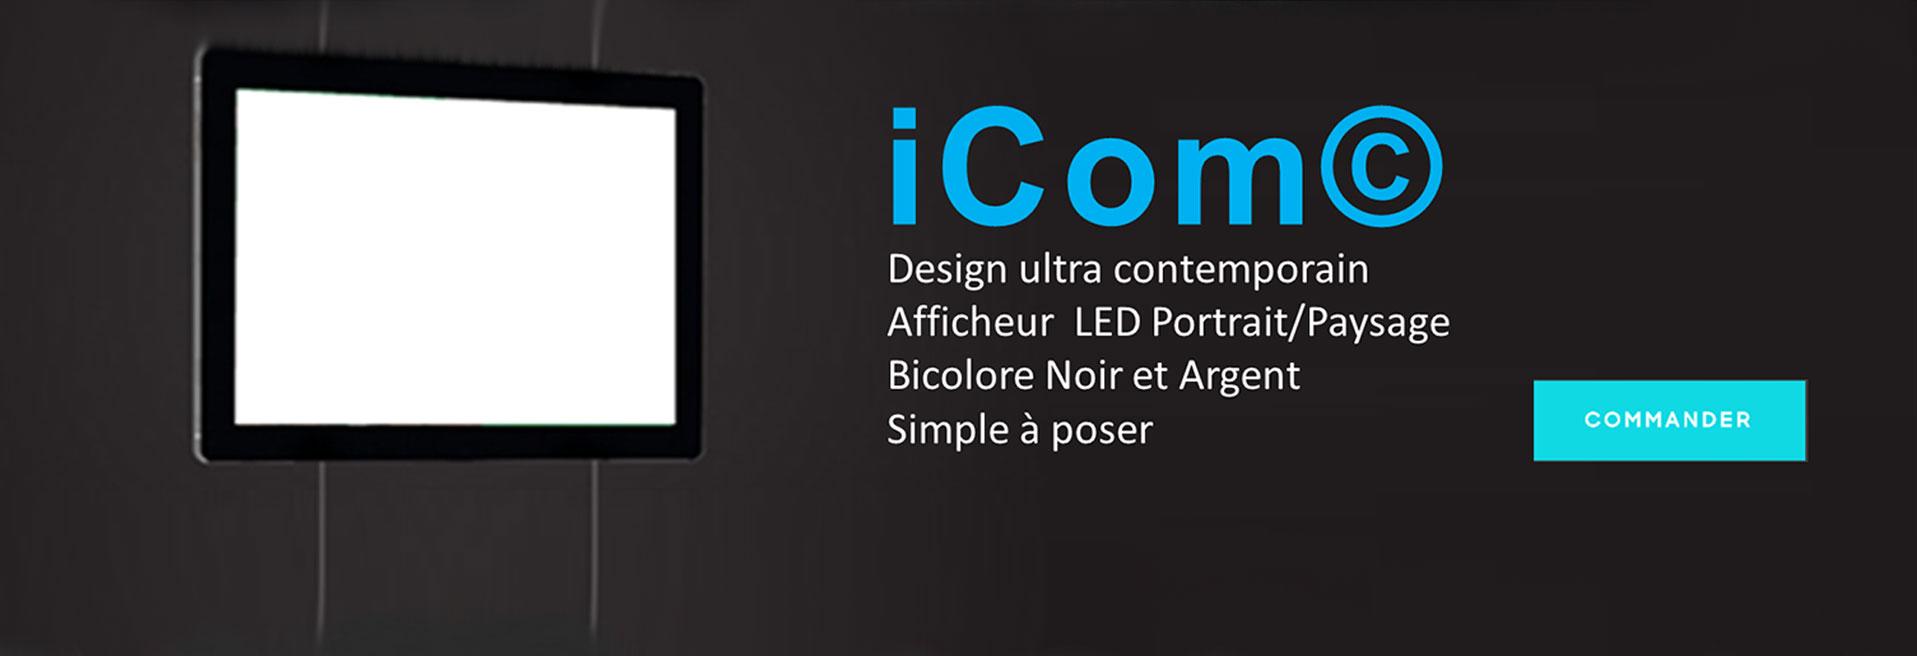 porte affiches LED lumineux publicitaire